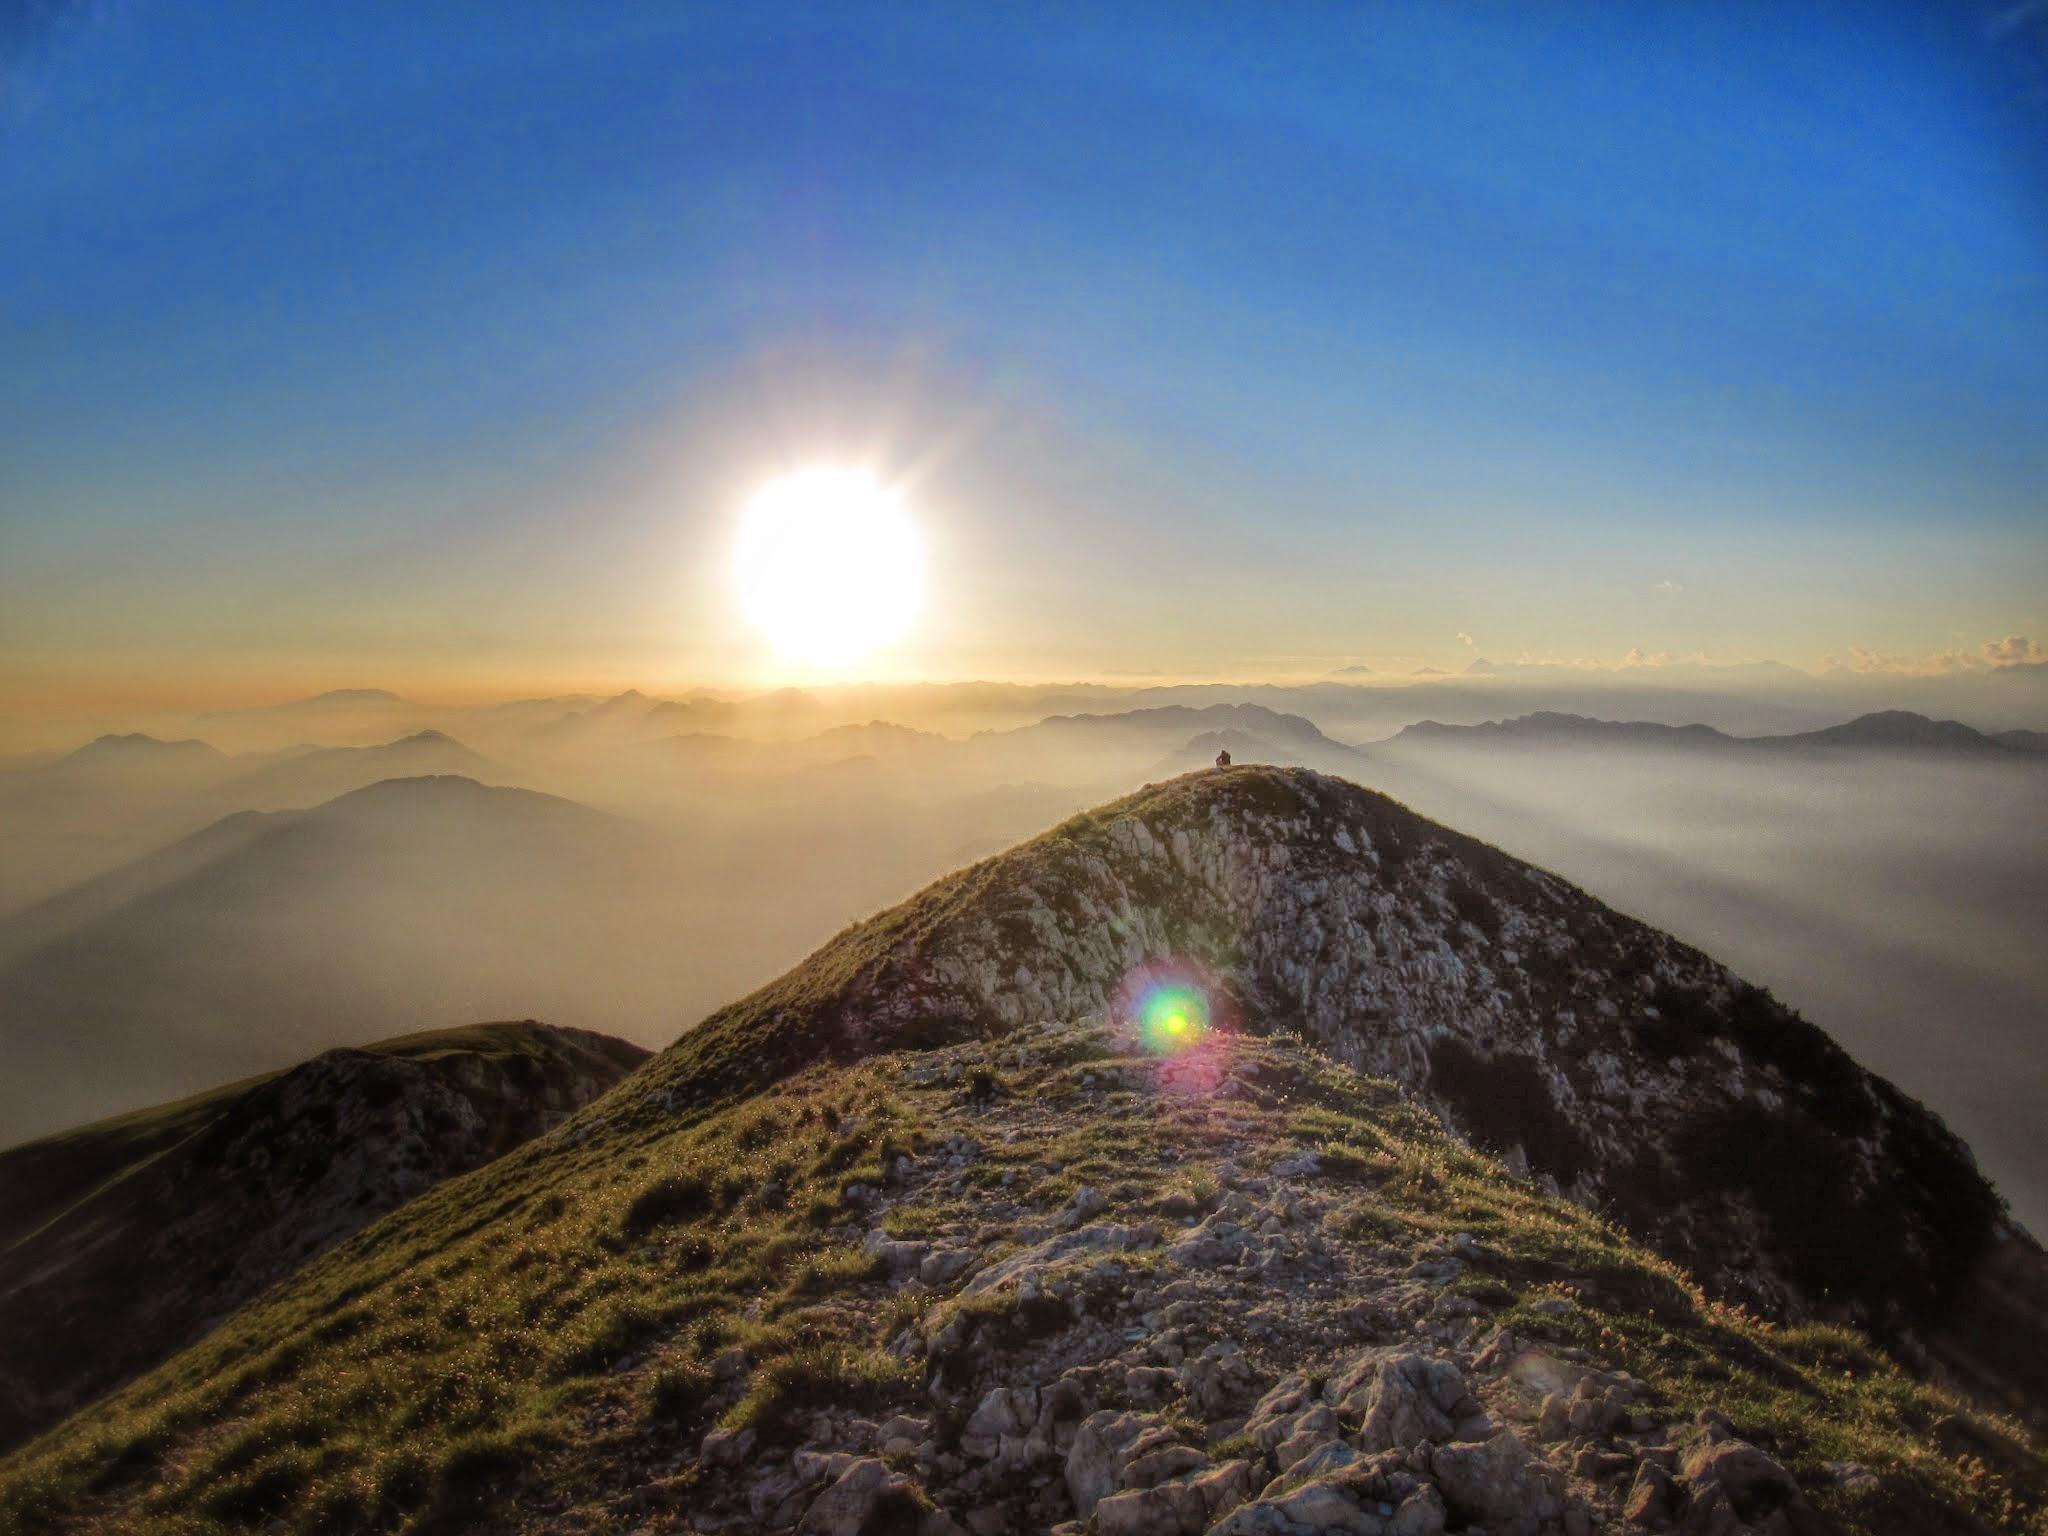 Op de top van een berg zitten